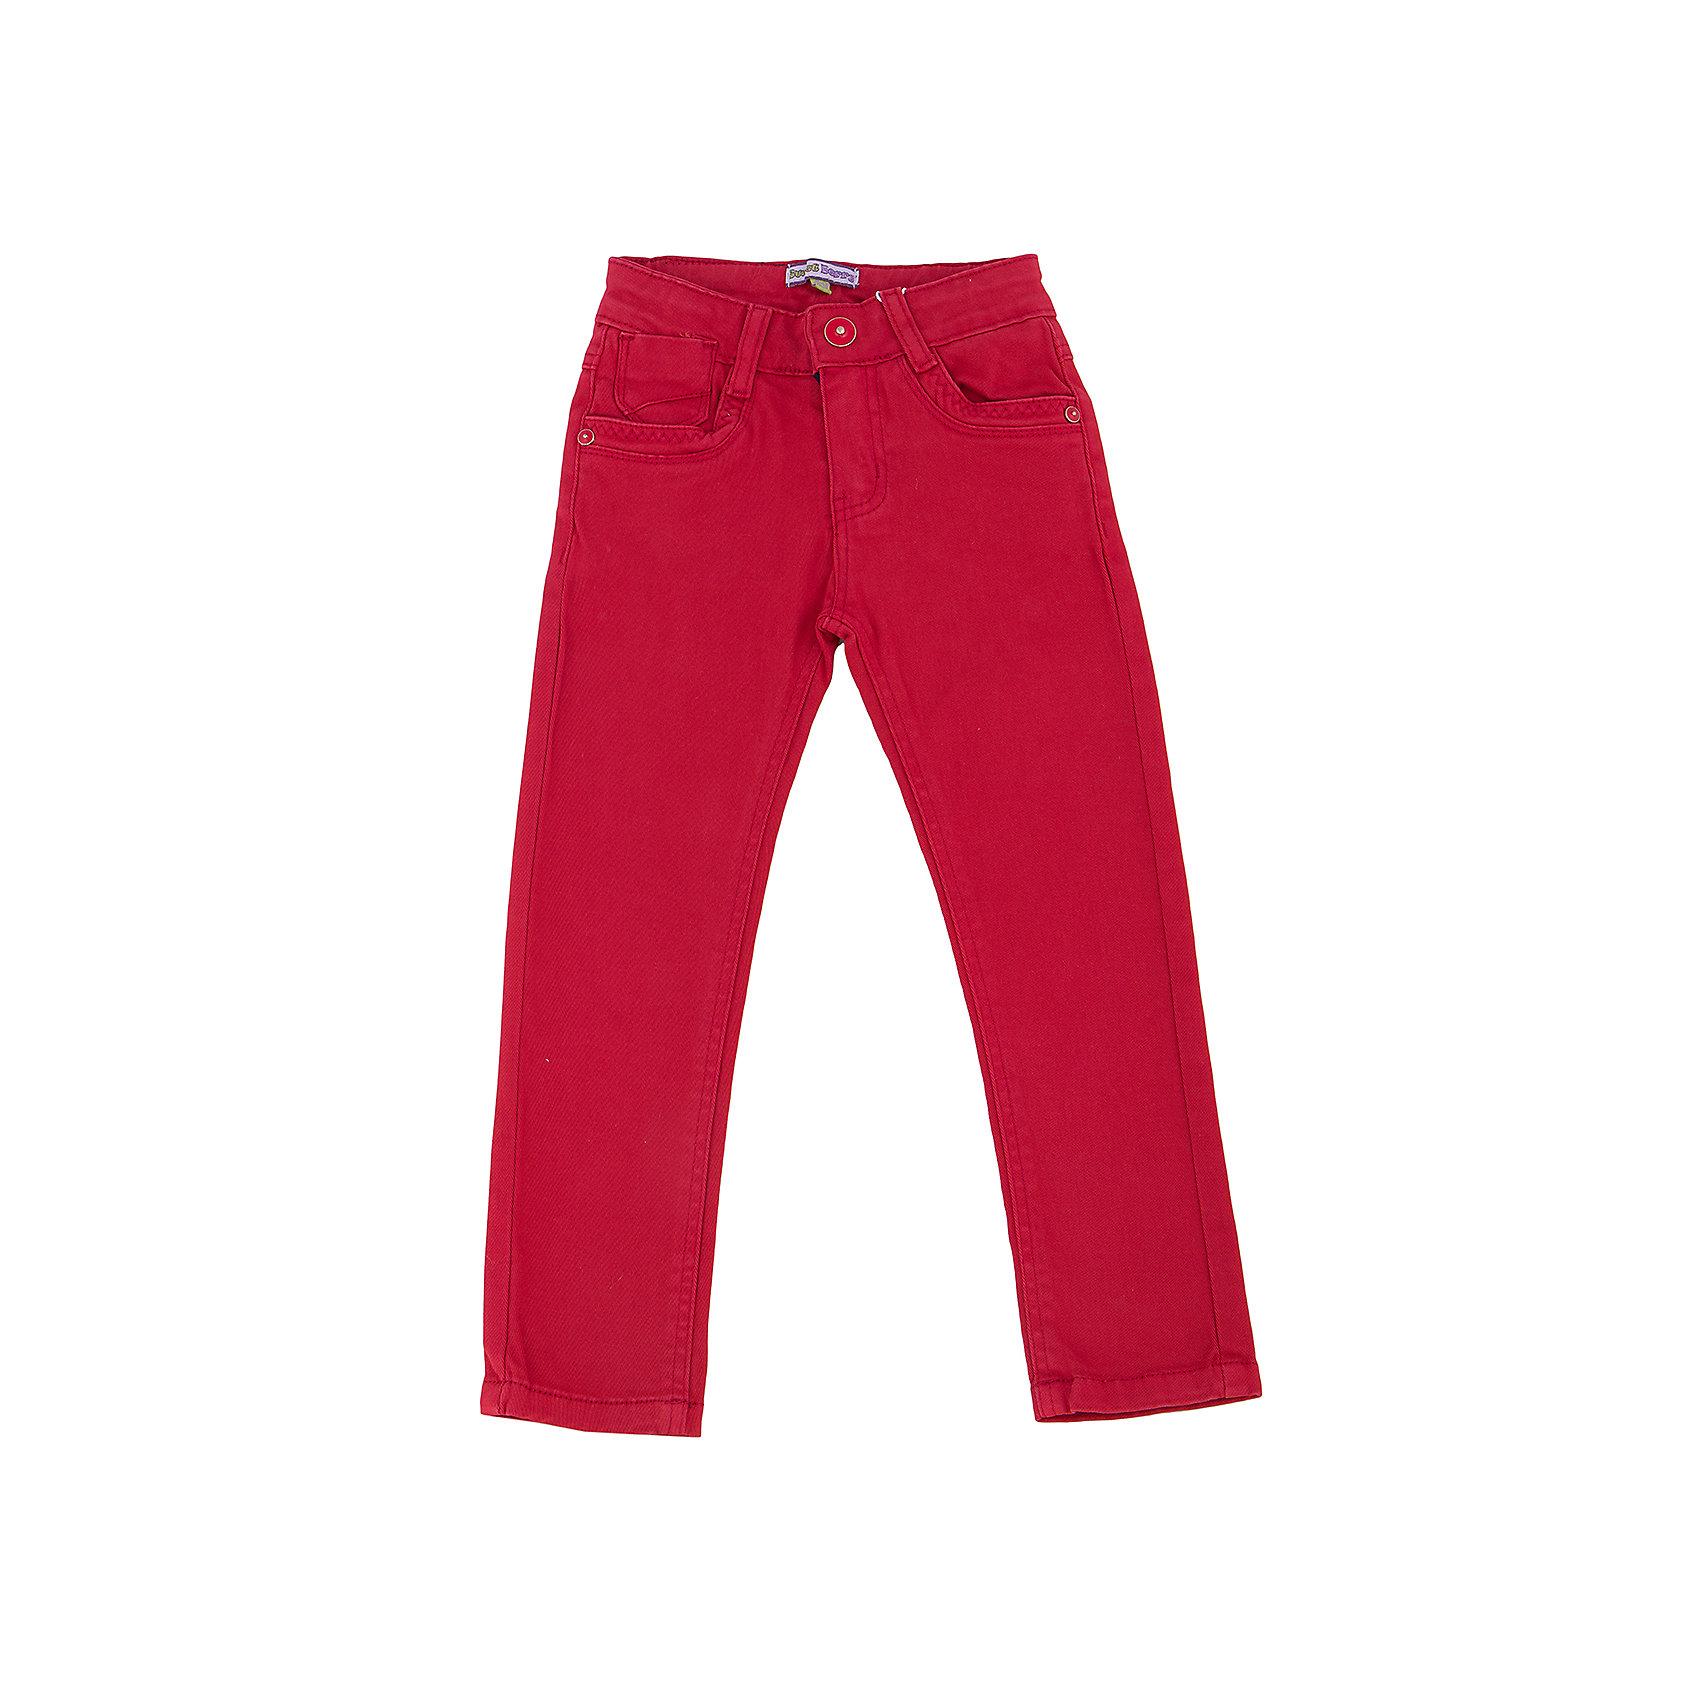 Брюки для девочки Sweet BerryТакая модель брюк для девочки отличается модным дизайном и ярким цветом. Удачный крой обеспечит ребенку комфорт и тепло, удобный пояс с внутренней резинкой на пуговицах позволяет регулировать размер. Вещь плотно прилегает к телу там, где нужно, и отлично сидит по фигуре. Брюки станут отличной базовой вещью для гардероба. Натуральный хлопок в составе материала обеспечит коже возможность дышать и не вызовет аллергии.<br>Одежда от бренда Sweet Berry - это простой и выгодный способ одеть ребенка удобно и стильно. Всё изделия тщательно проработаны: швы - прочные, материал - качественный, фурнитура - подобранная специально для детей. <br><br>Дополнительная информация:<br><br>цвет: красный;<br>пояс регулируется внутренней резинкой на пуговицах;<br>материал: 98% хлопок, 2% эластан;<br>застежка на пуговицу и молнию.<br><br>Брюки для девочки от бренда Sweet Berry можно купить в нашем интернет-магазине.<br><br>Ширина мм: 215<br>Глубина мм: 88<br>Высота мм: 191<br>Вес г: 336<br>Цвет: красный<br>Возраст от месяцев: 72<br>Возраст до месяцев: 84<br>Пол: Женский<br>Возраст: Детский<br>Размер: 122,98,128,104,110,116<br>SKU: 4931518